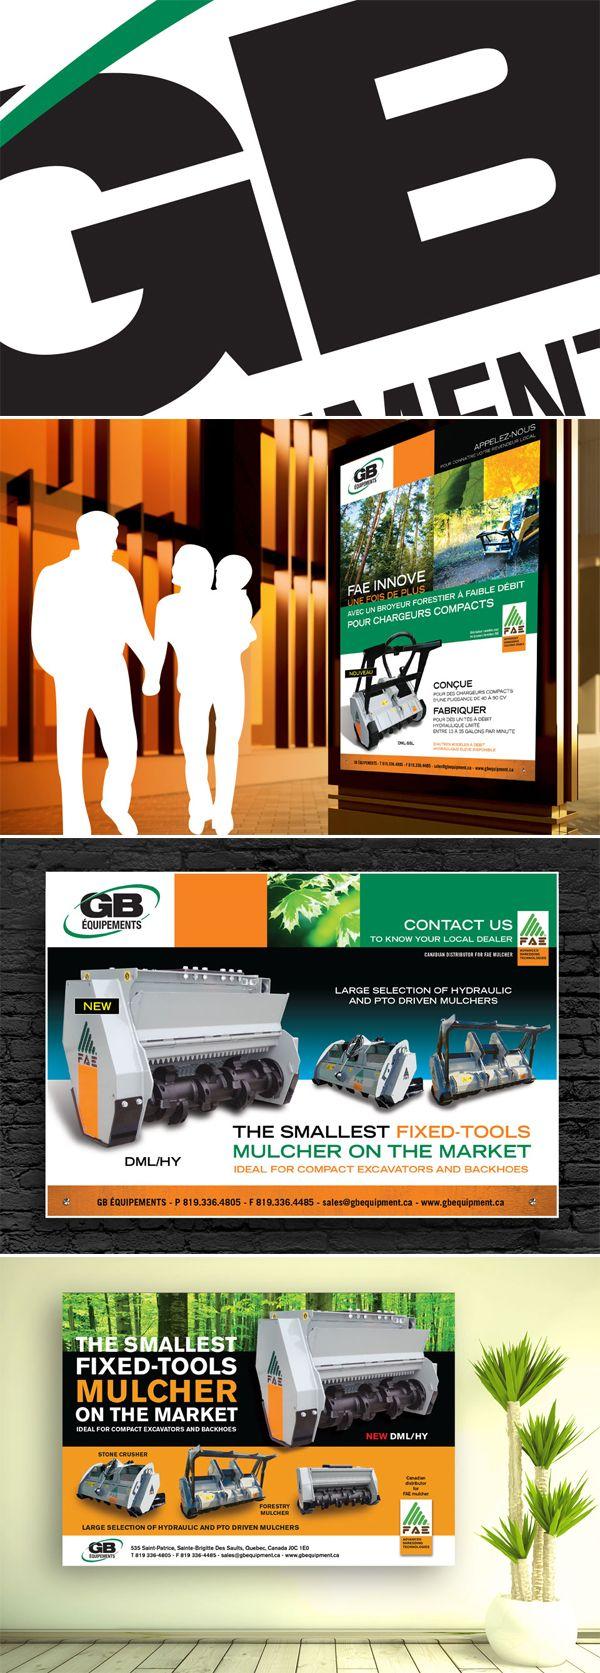 GB Equipements  Une autre référence d'un client satisfait !  Le mandat : des publicités, des publicités, des publicités !